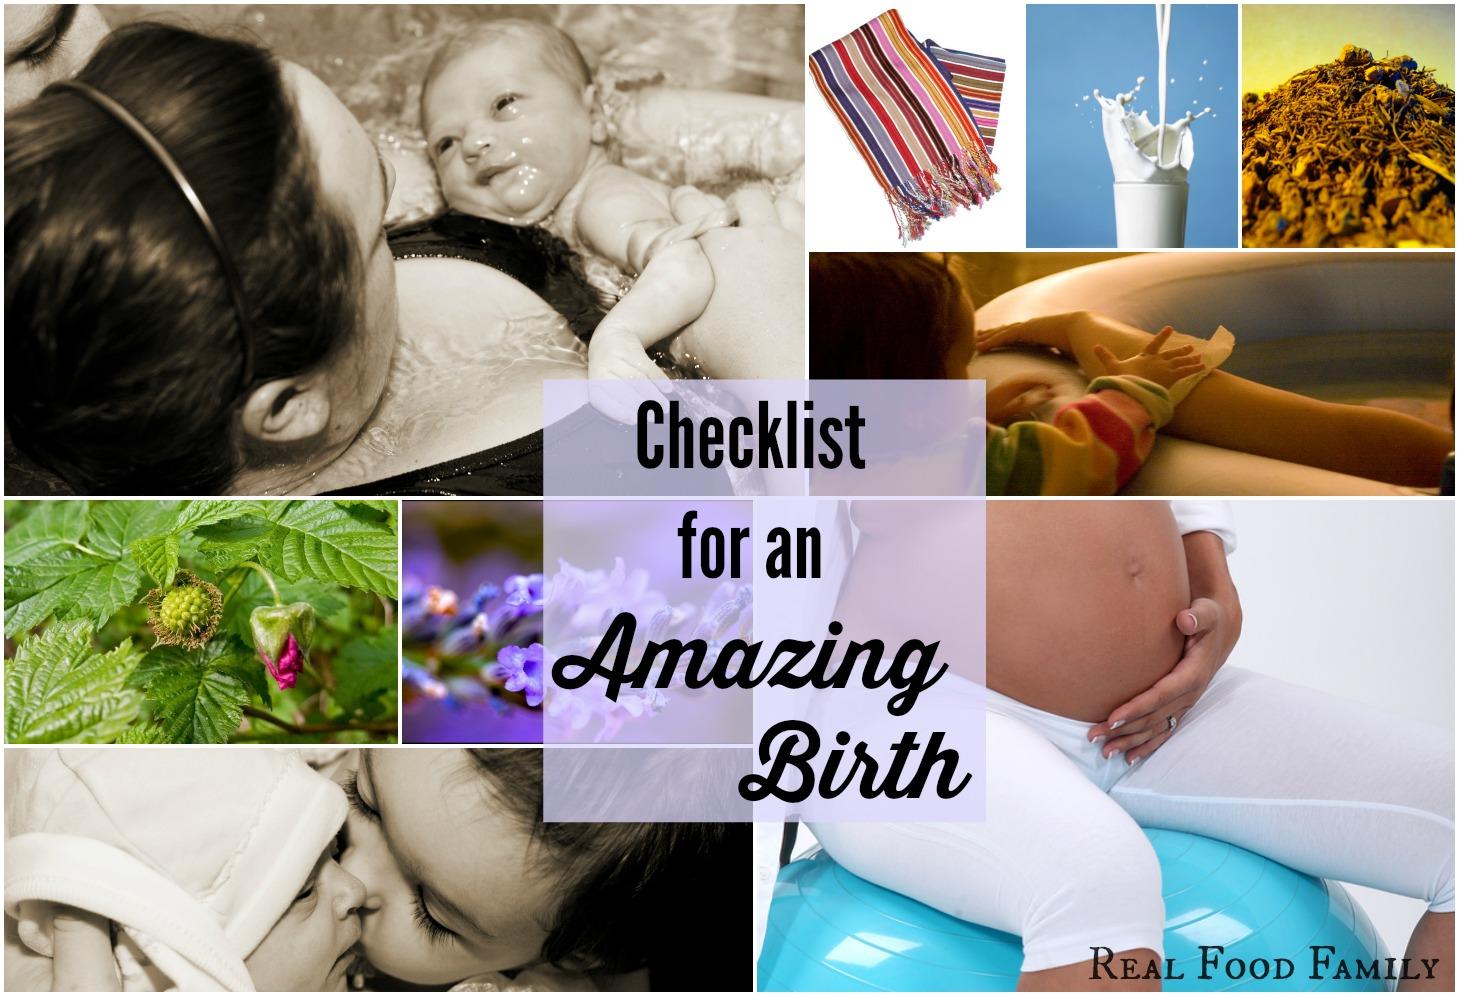 Checklist for an Amazing Birth